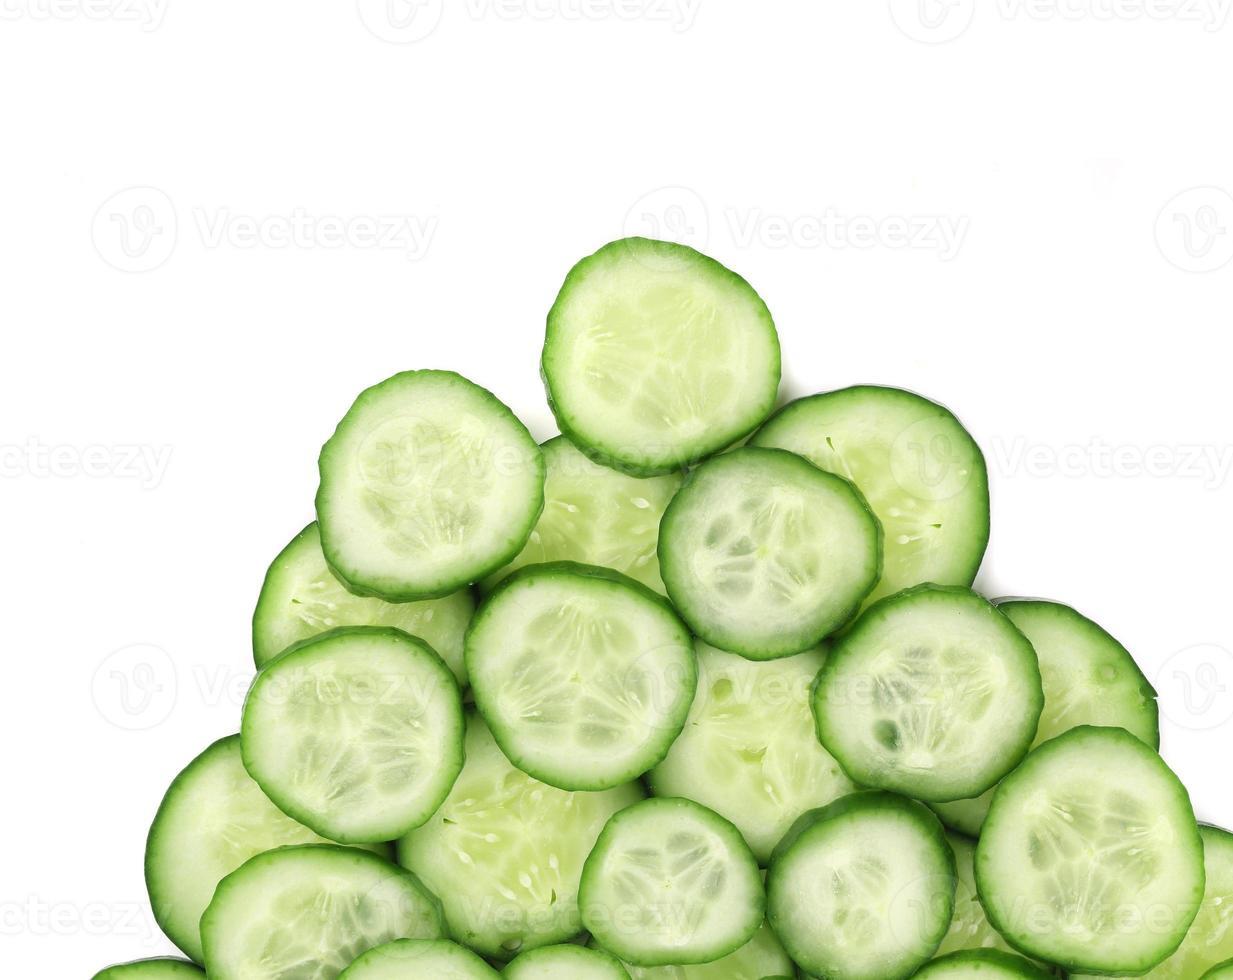 närbild av gurkor. foto